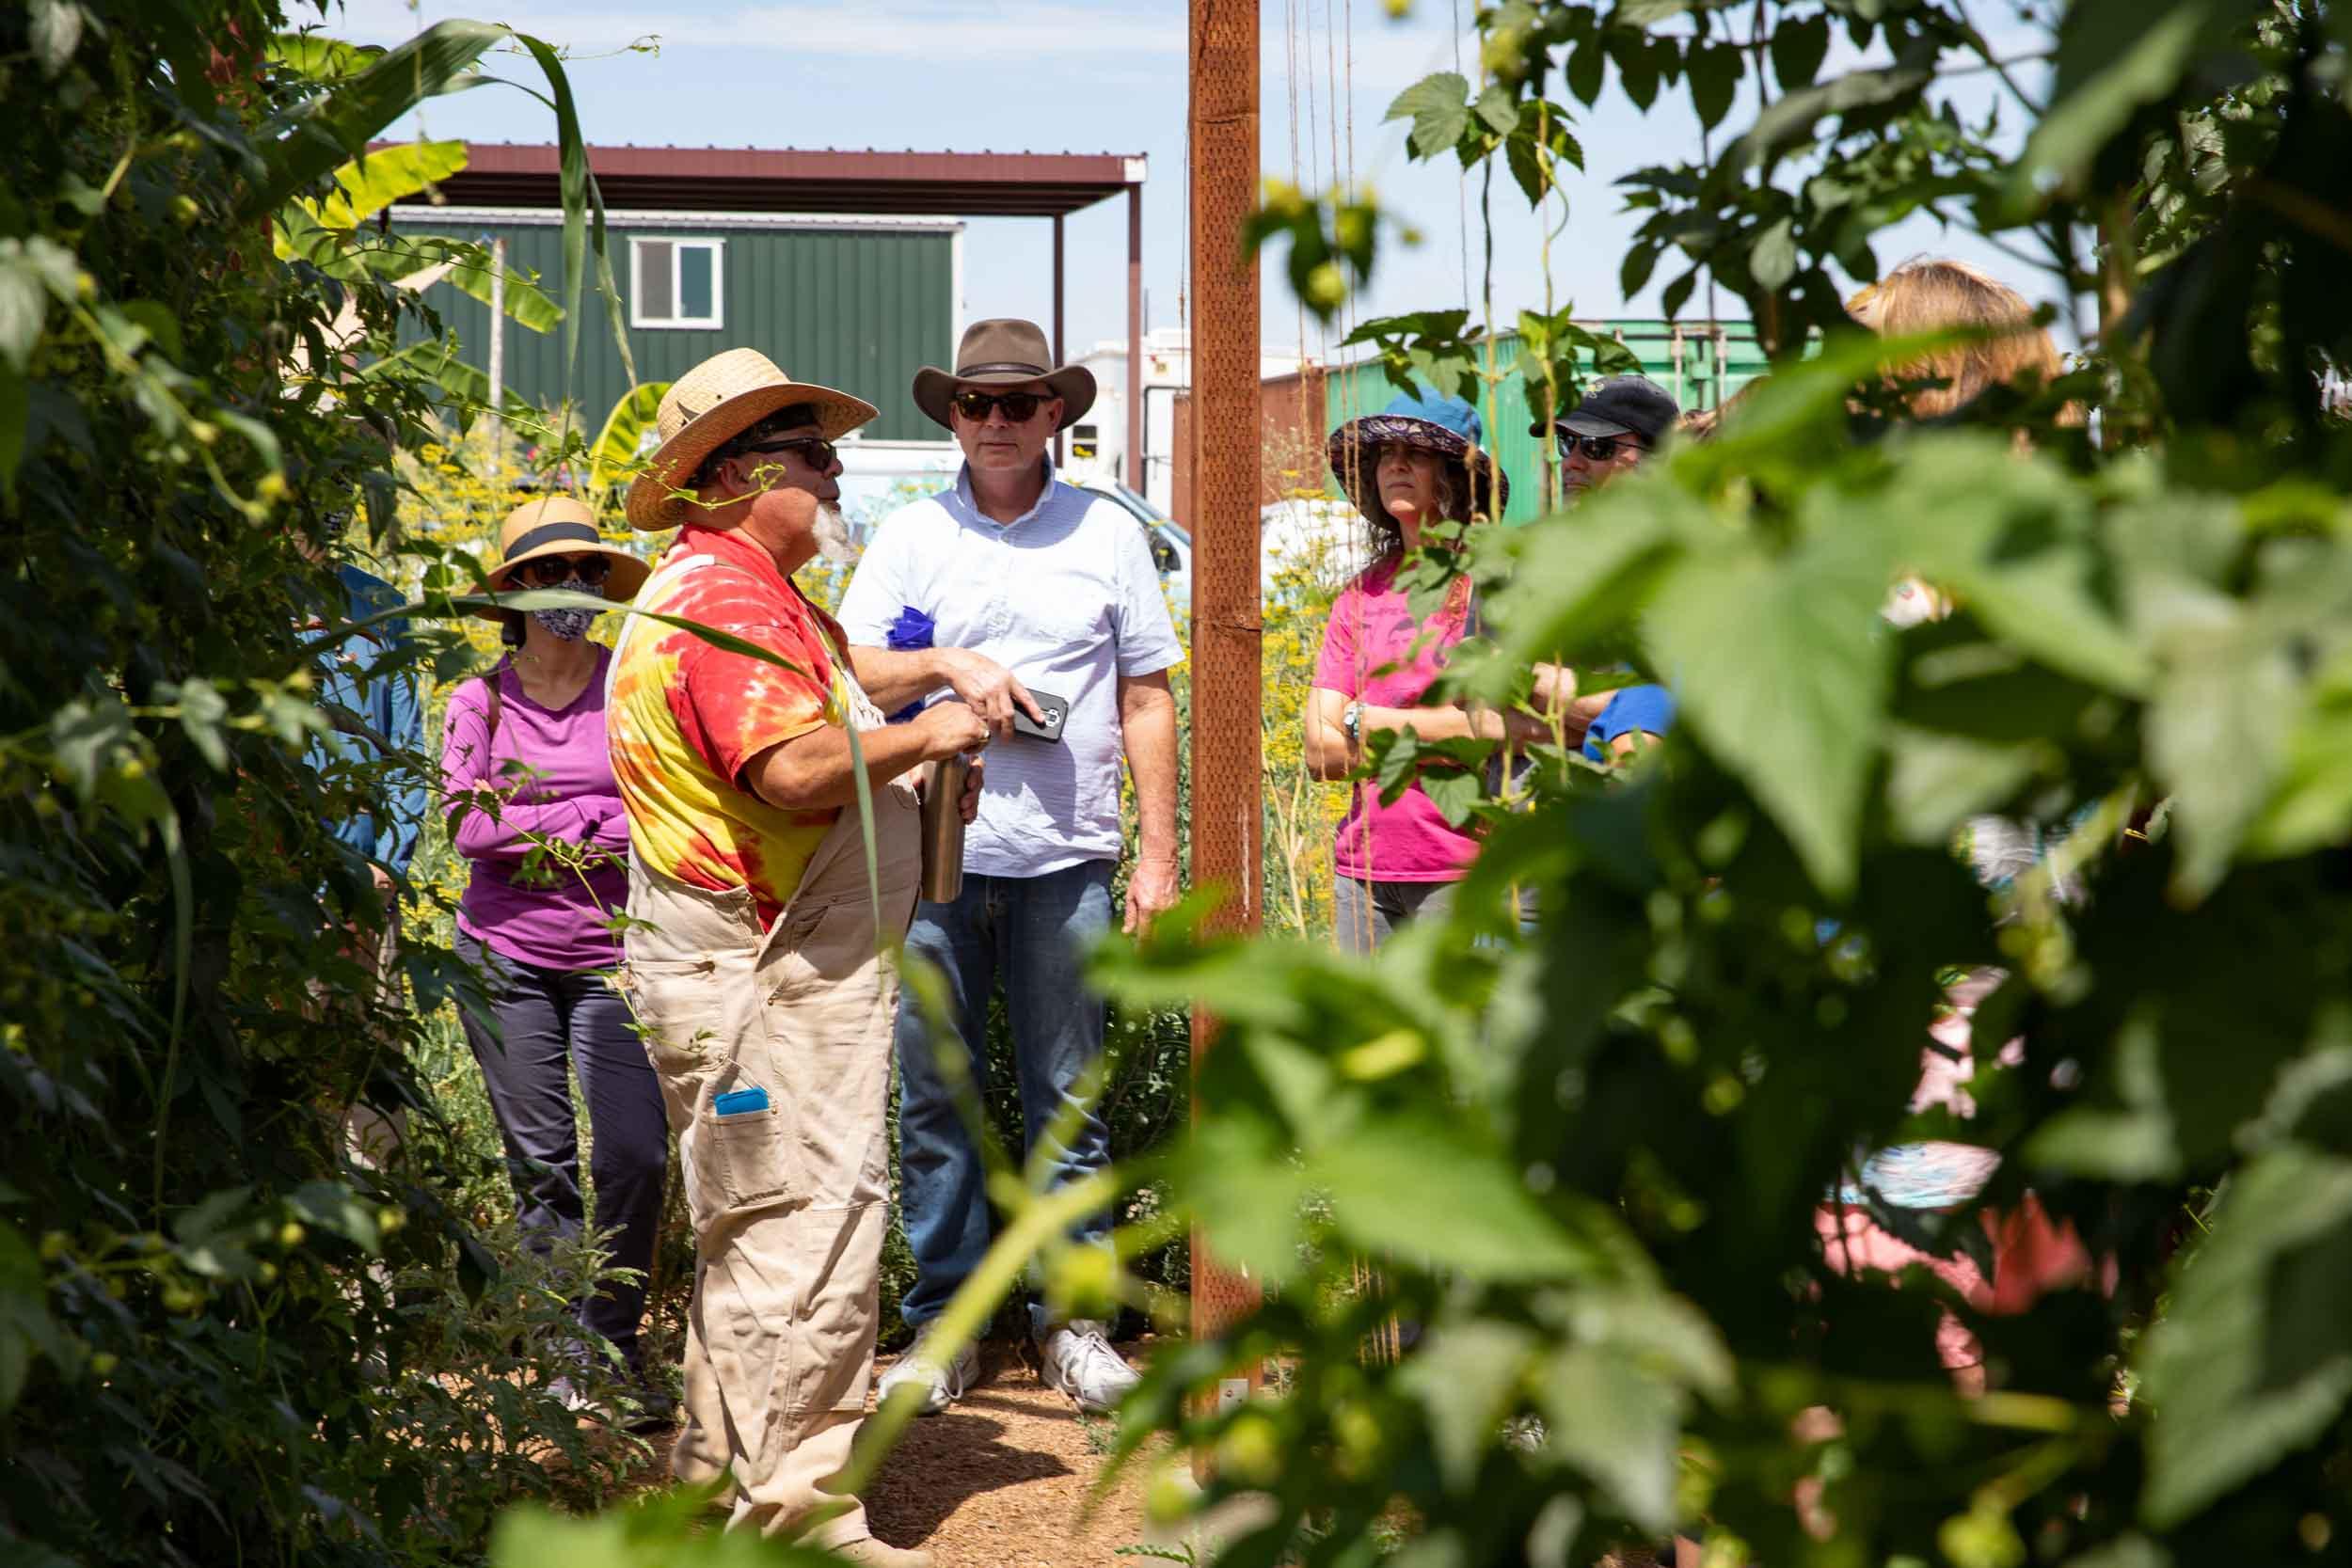 urban farming tours in Arizona